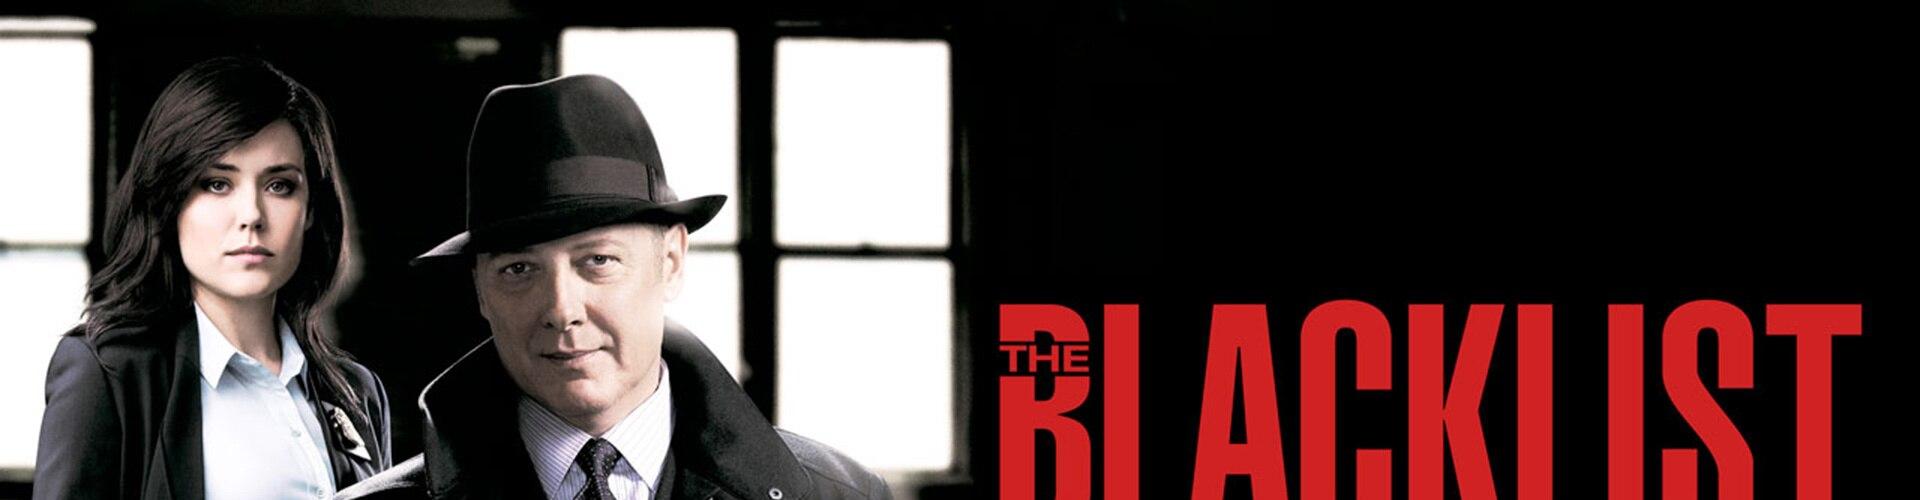 Watch The Blacklist Online